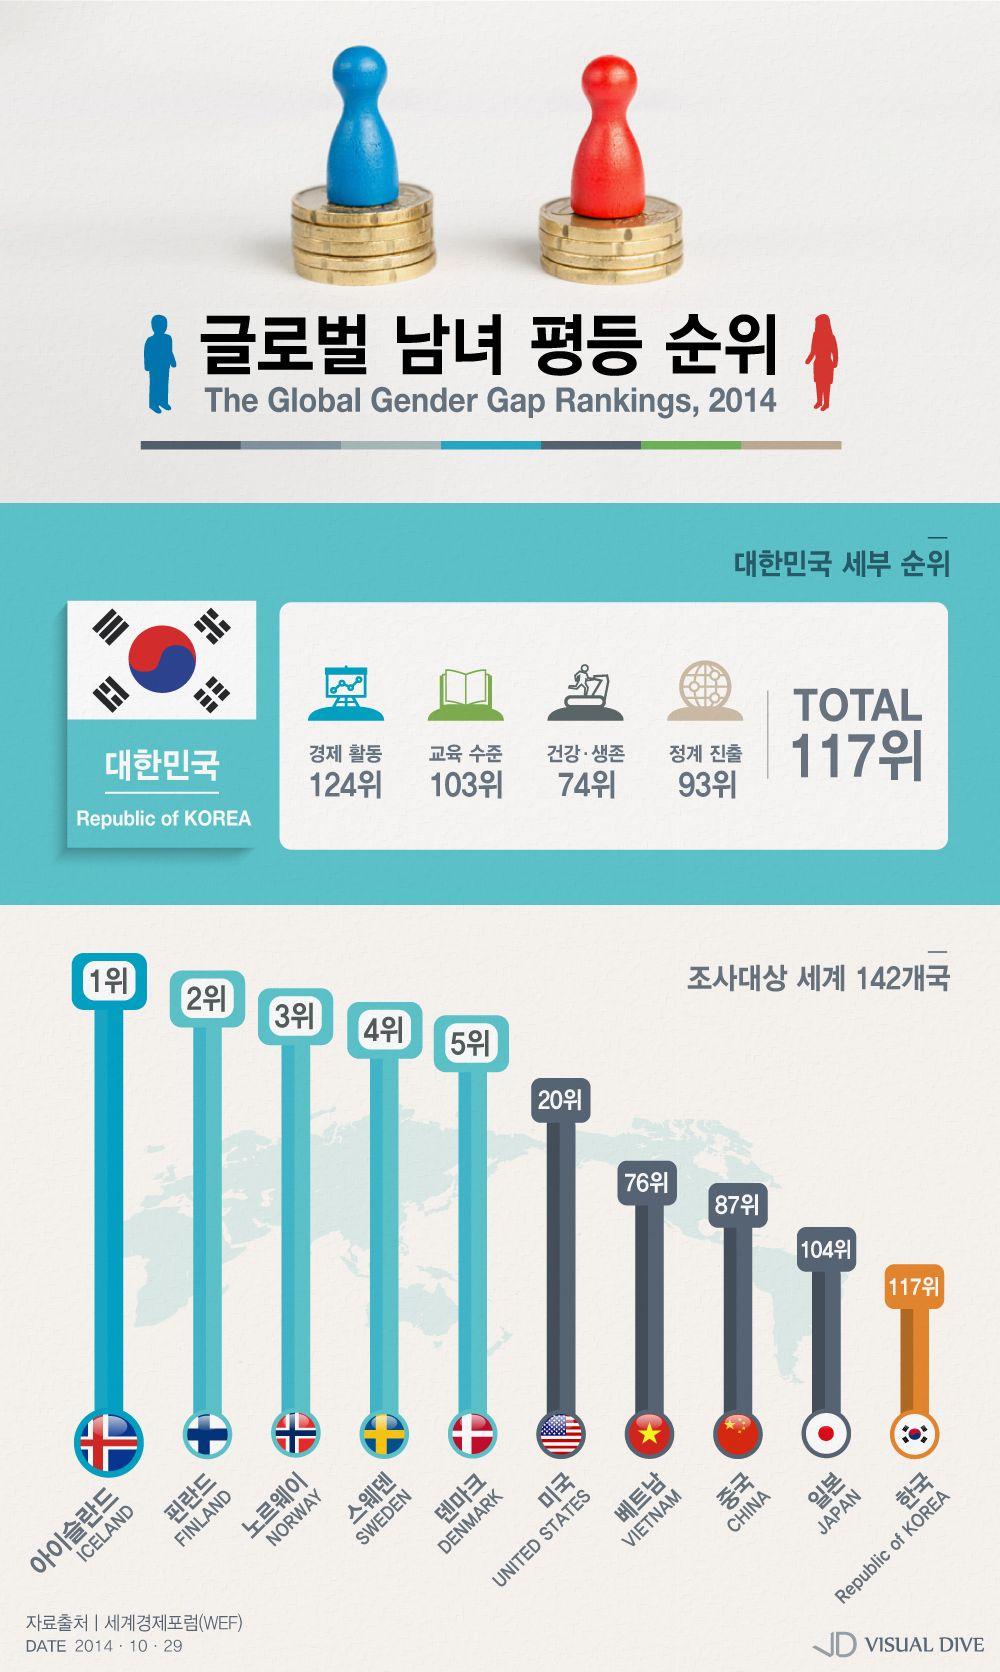 한국, 남녀평등순위 117위 '세계 하위권' [인포그래픽] #equality / #Infographic ⓒ 비주얼다이브 무단 복사·전재·재배포 금지